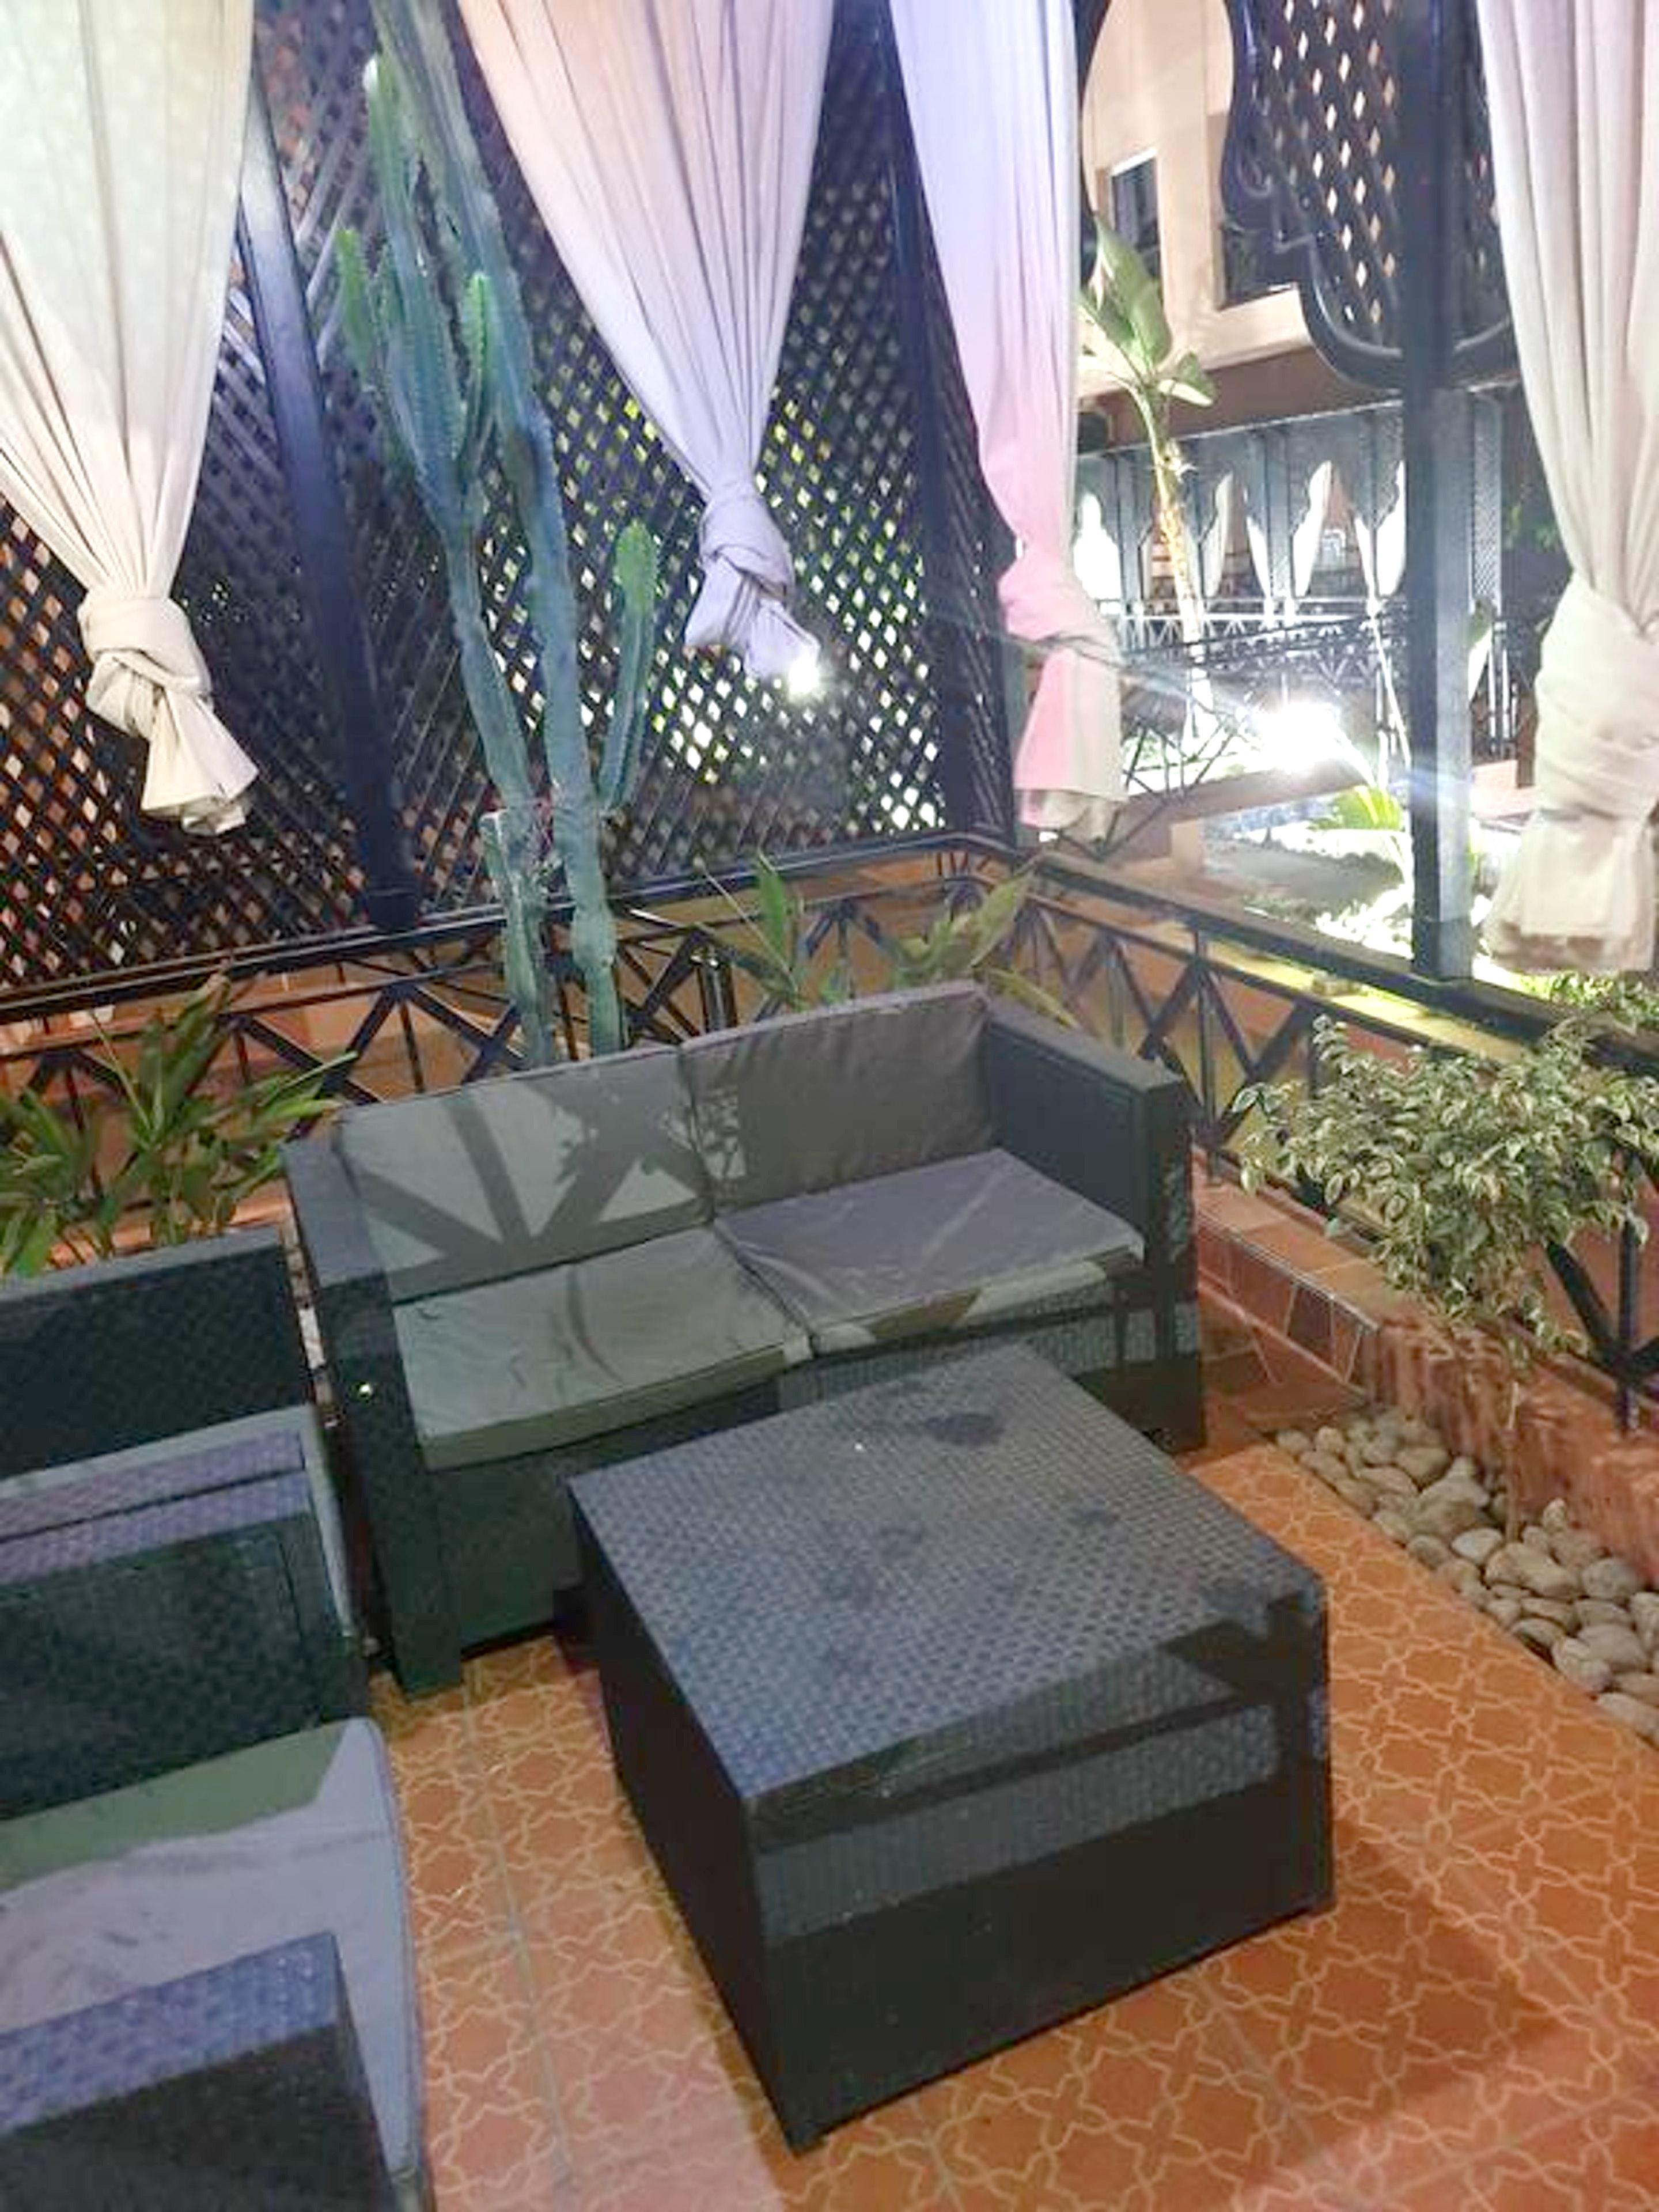 Wohnung mit 2 Schlafzimmern in Marrakech mit Pool, Ferienwohnung in Afrika